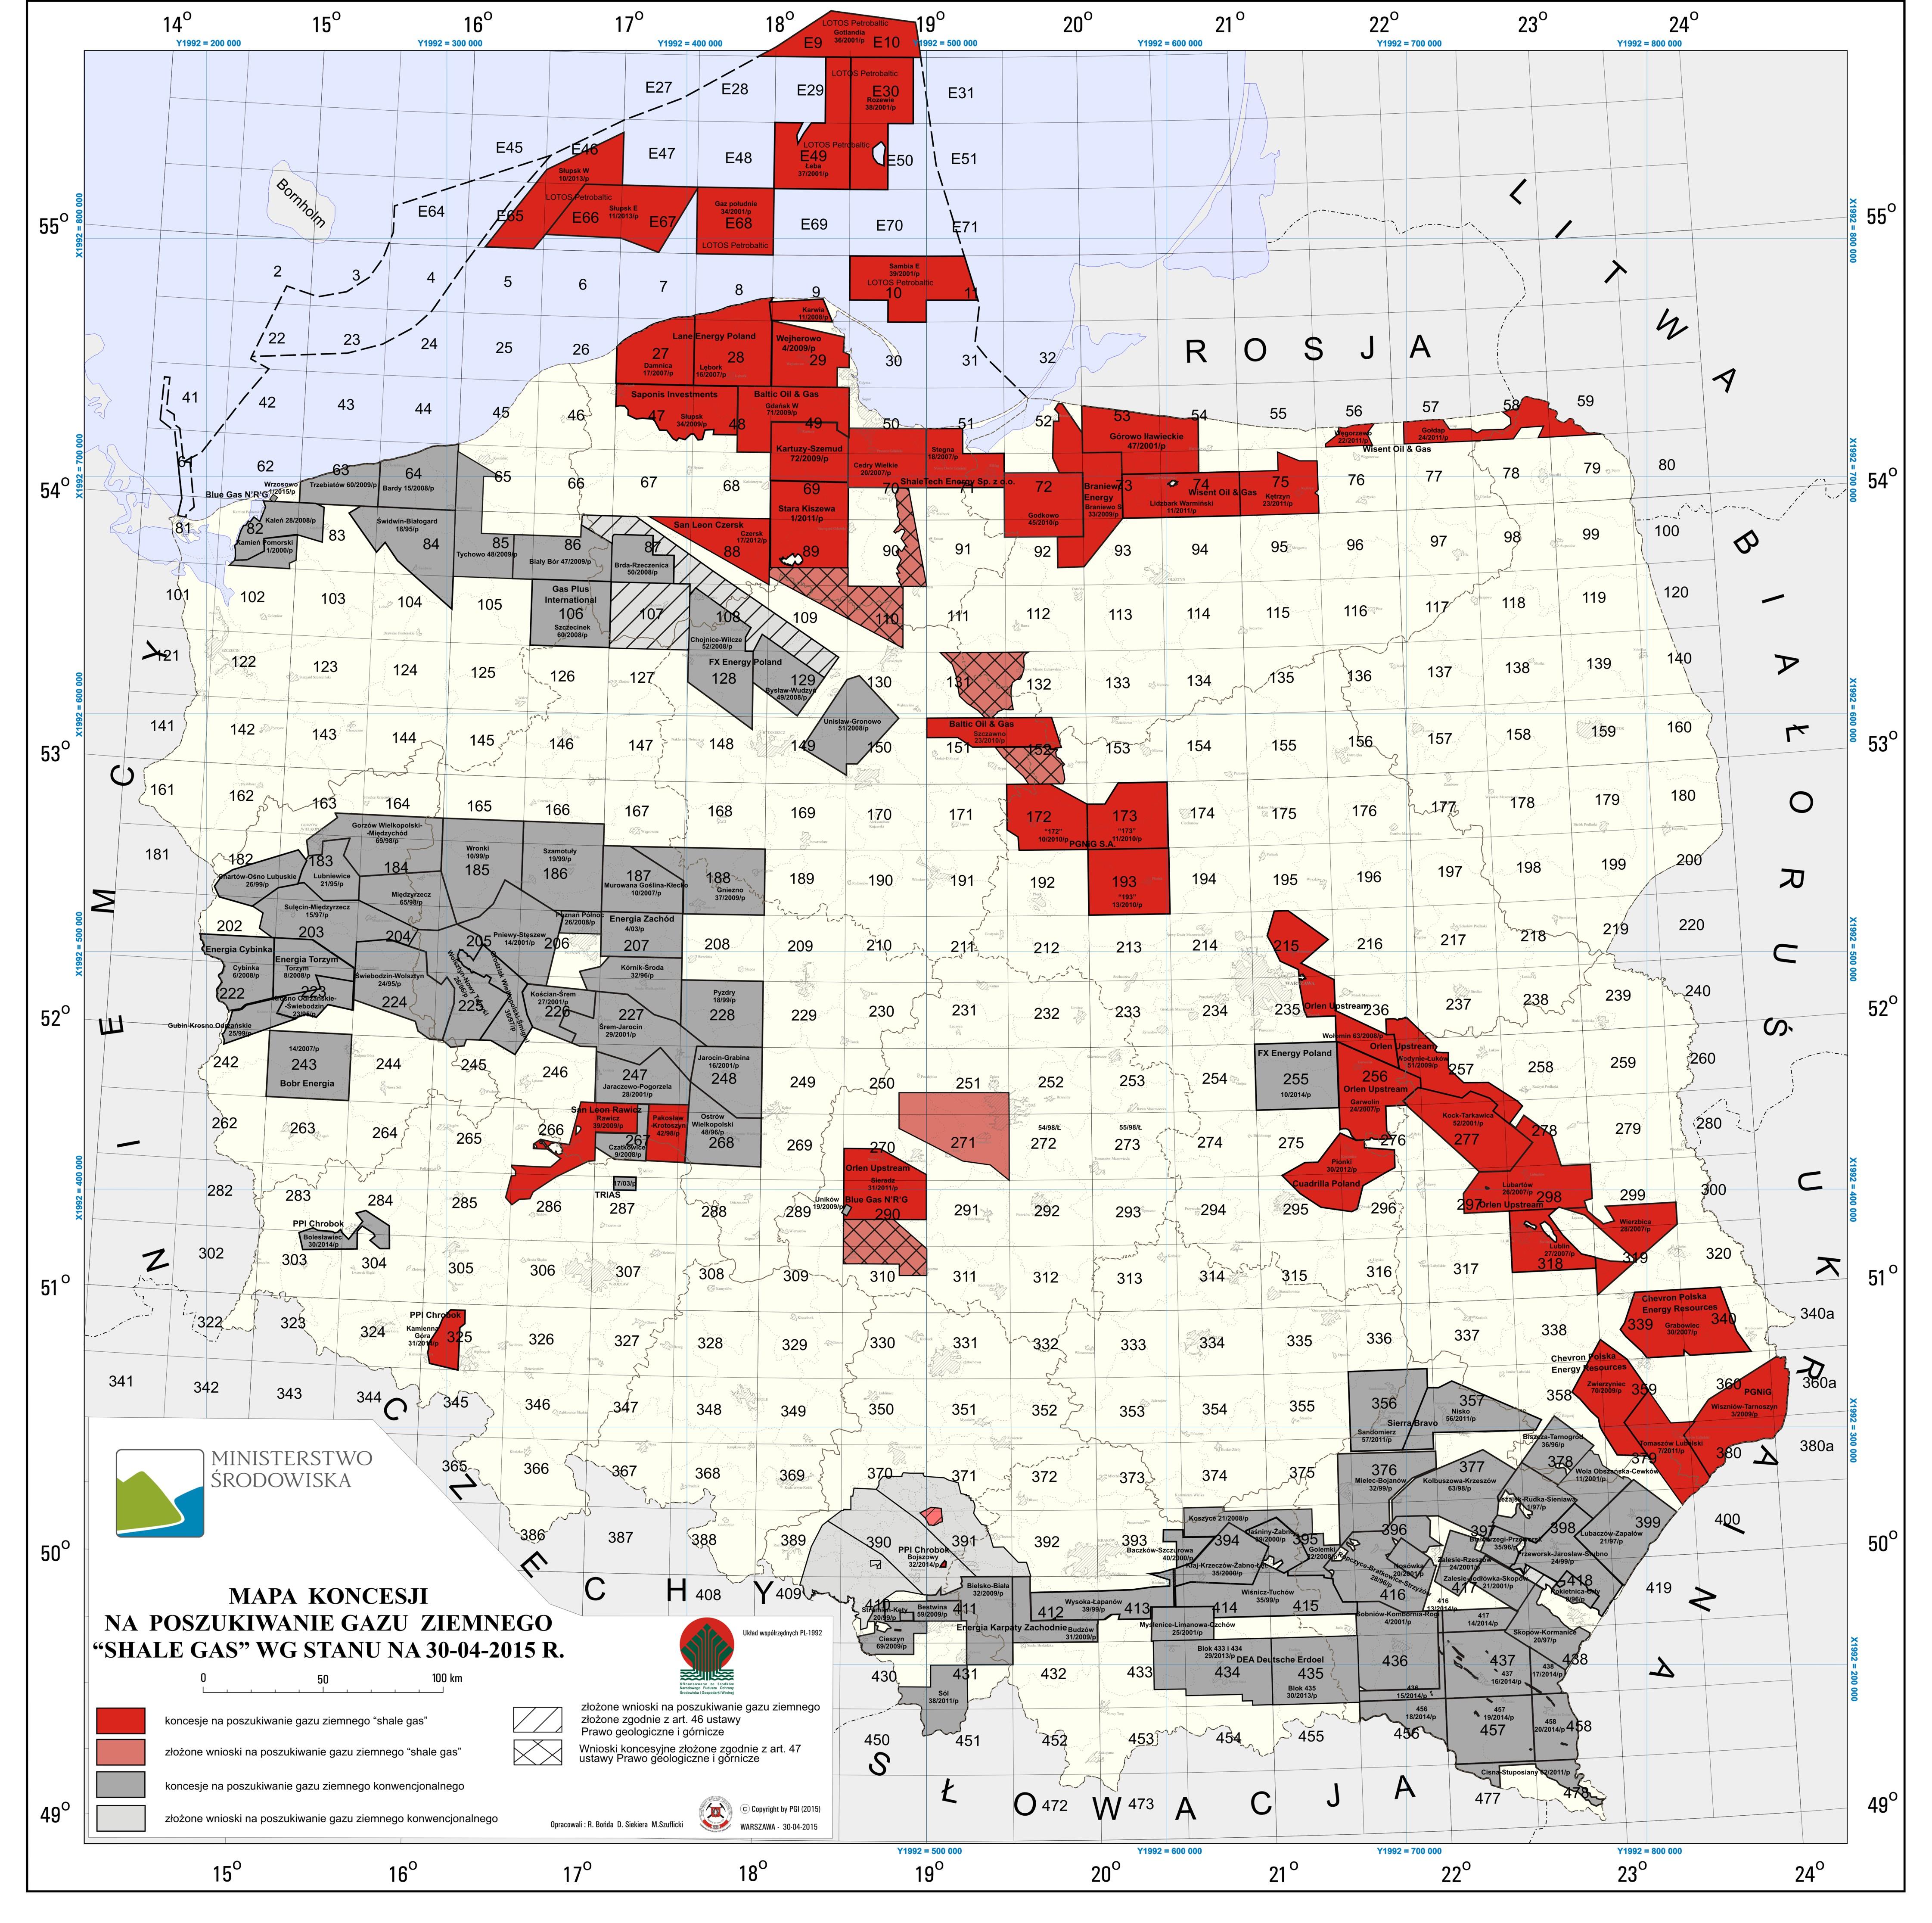 koncesja shale gas kwiecień 2015